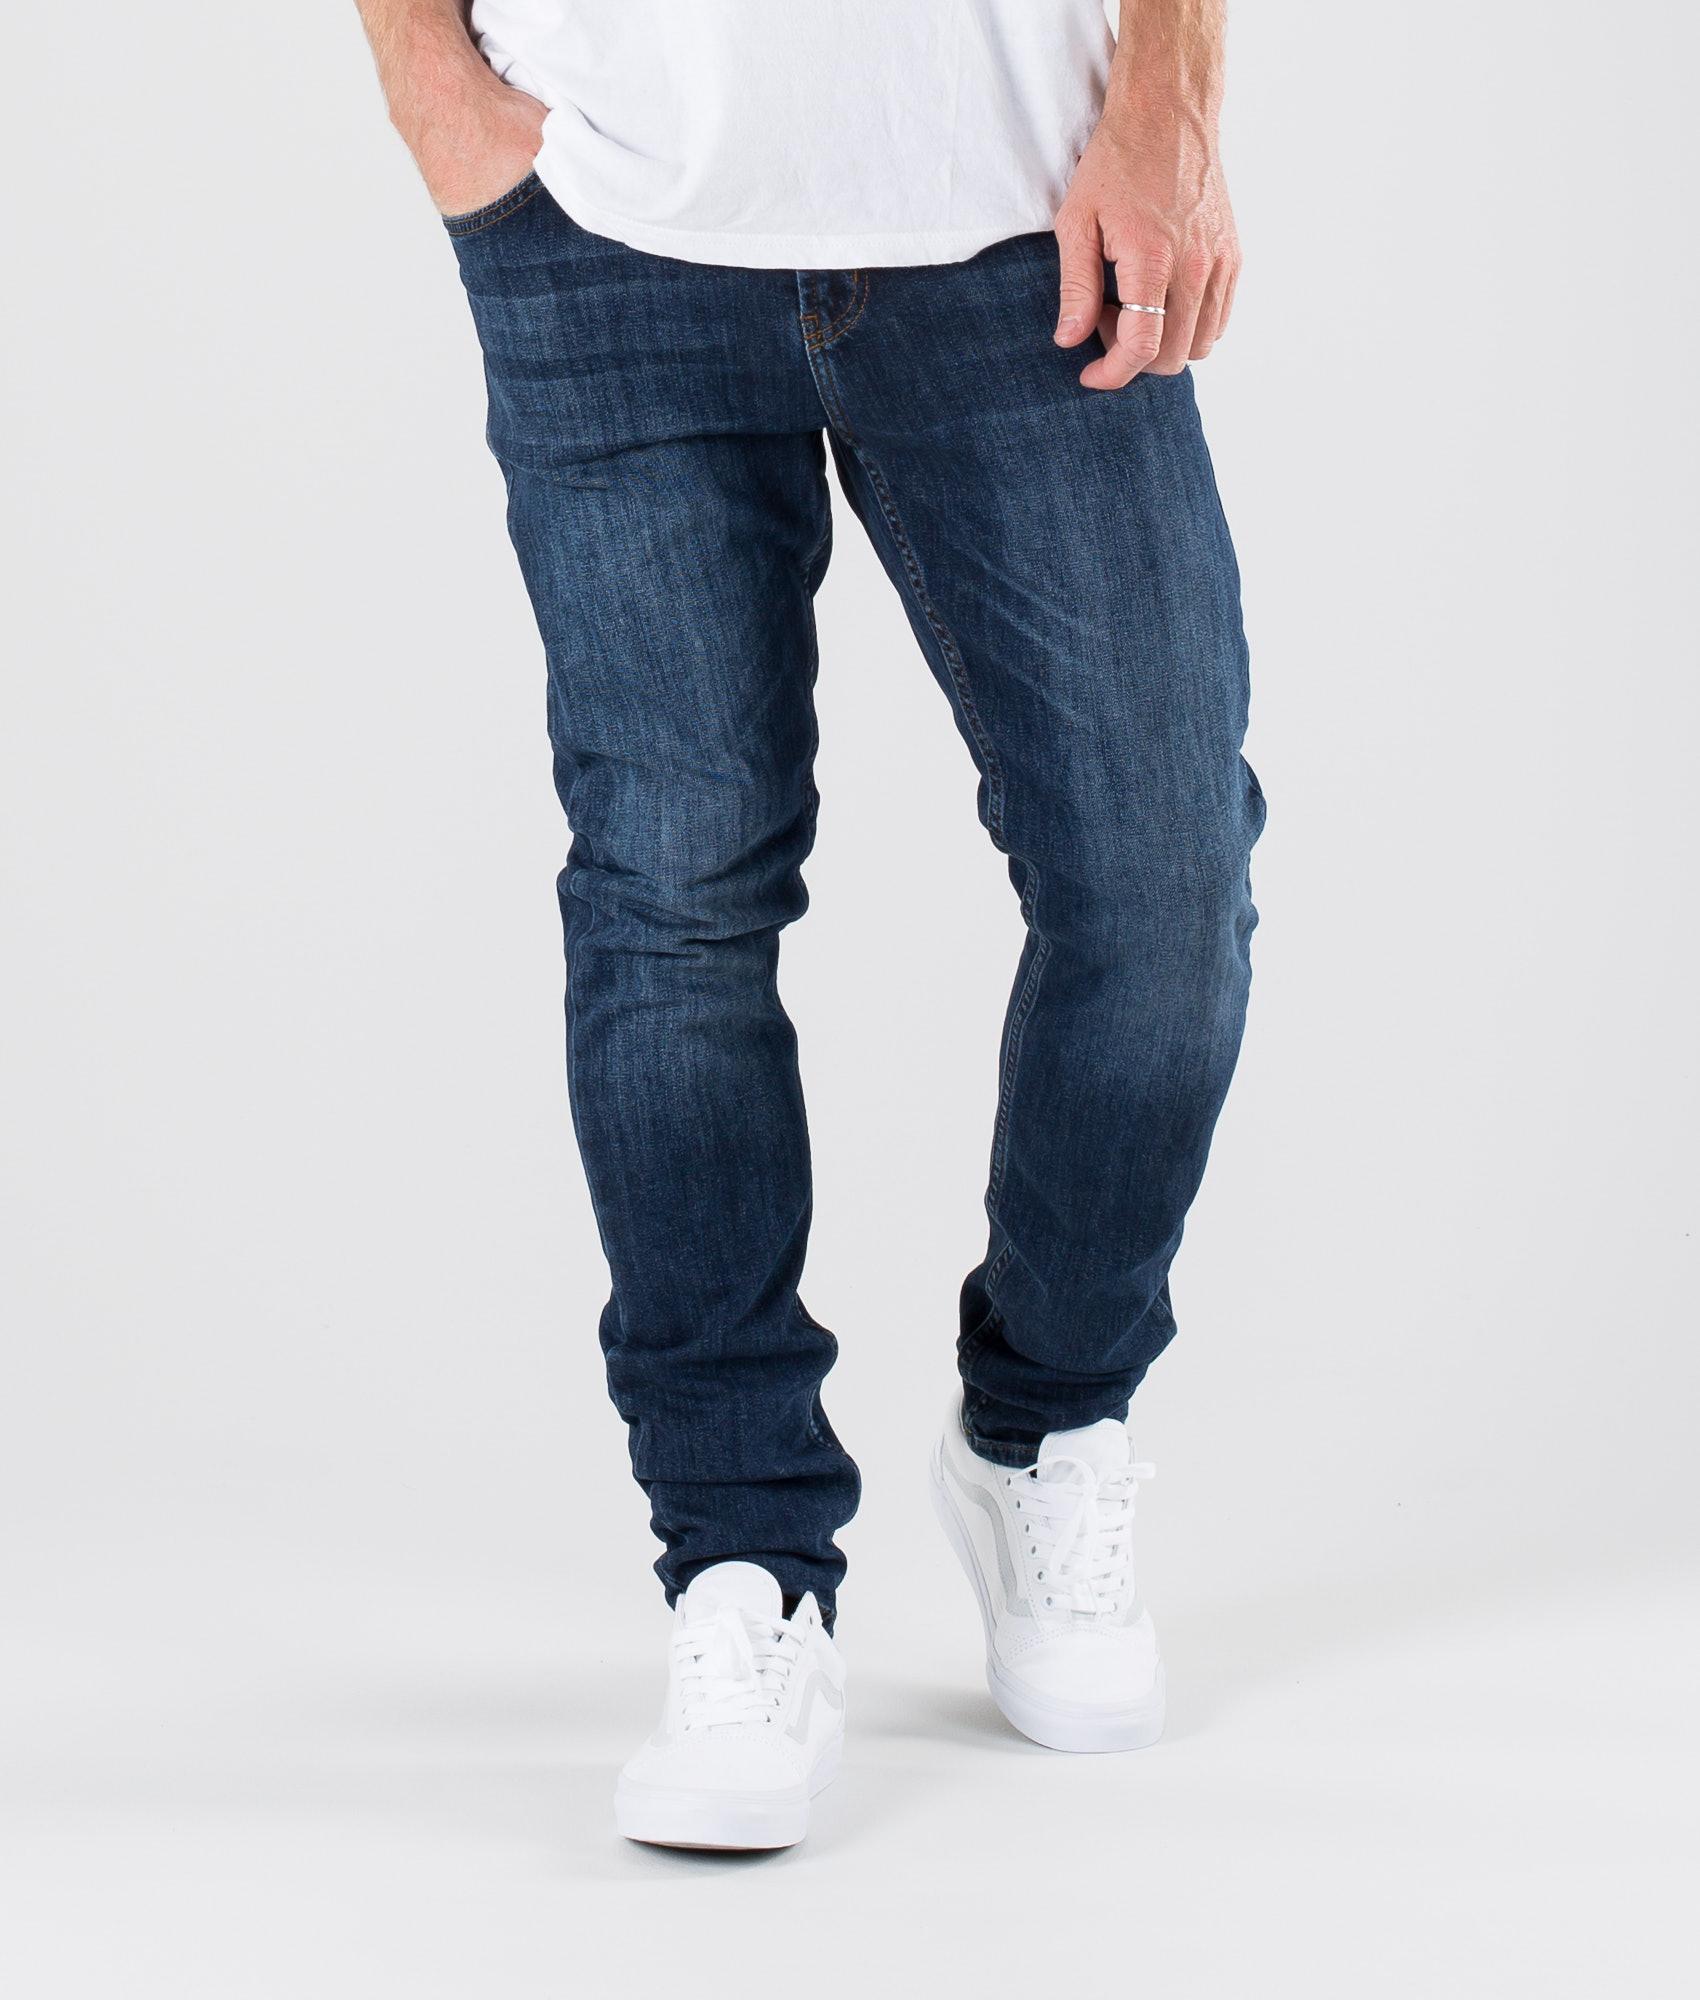 525e71f4659514 Herren Hosen Und Jeans Streetwear Online Kaufen